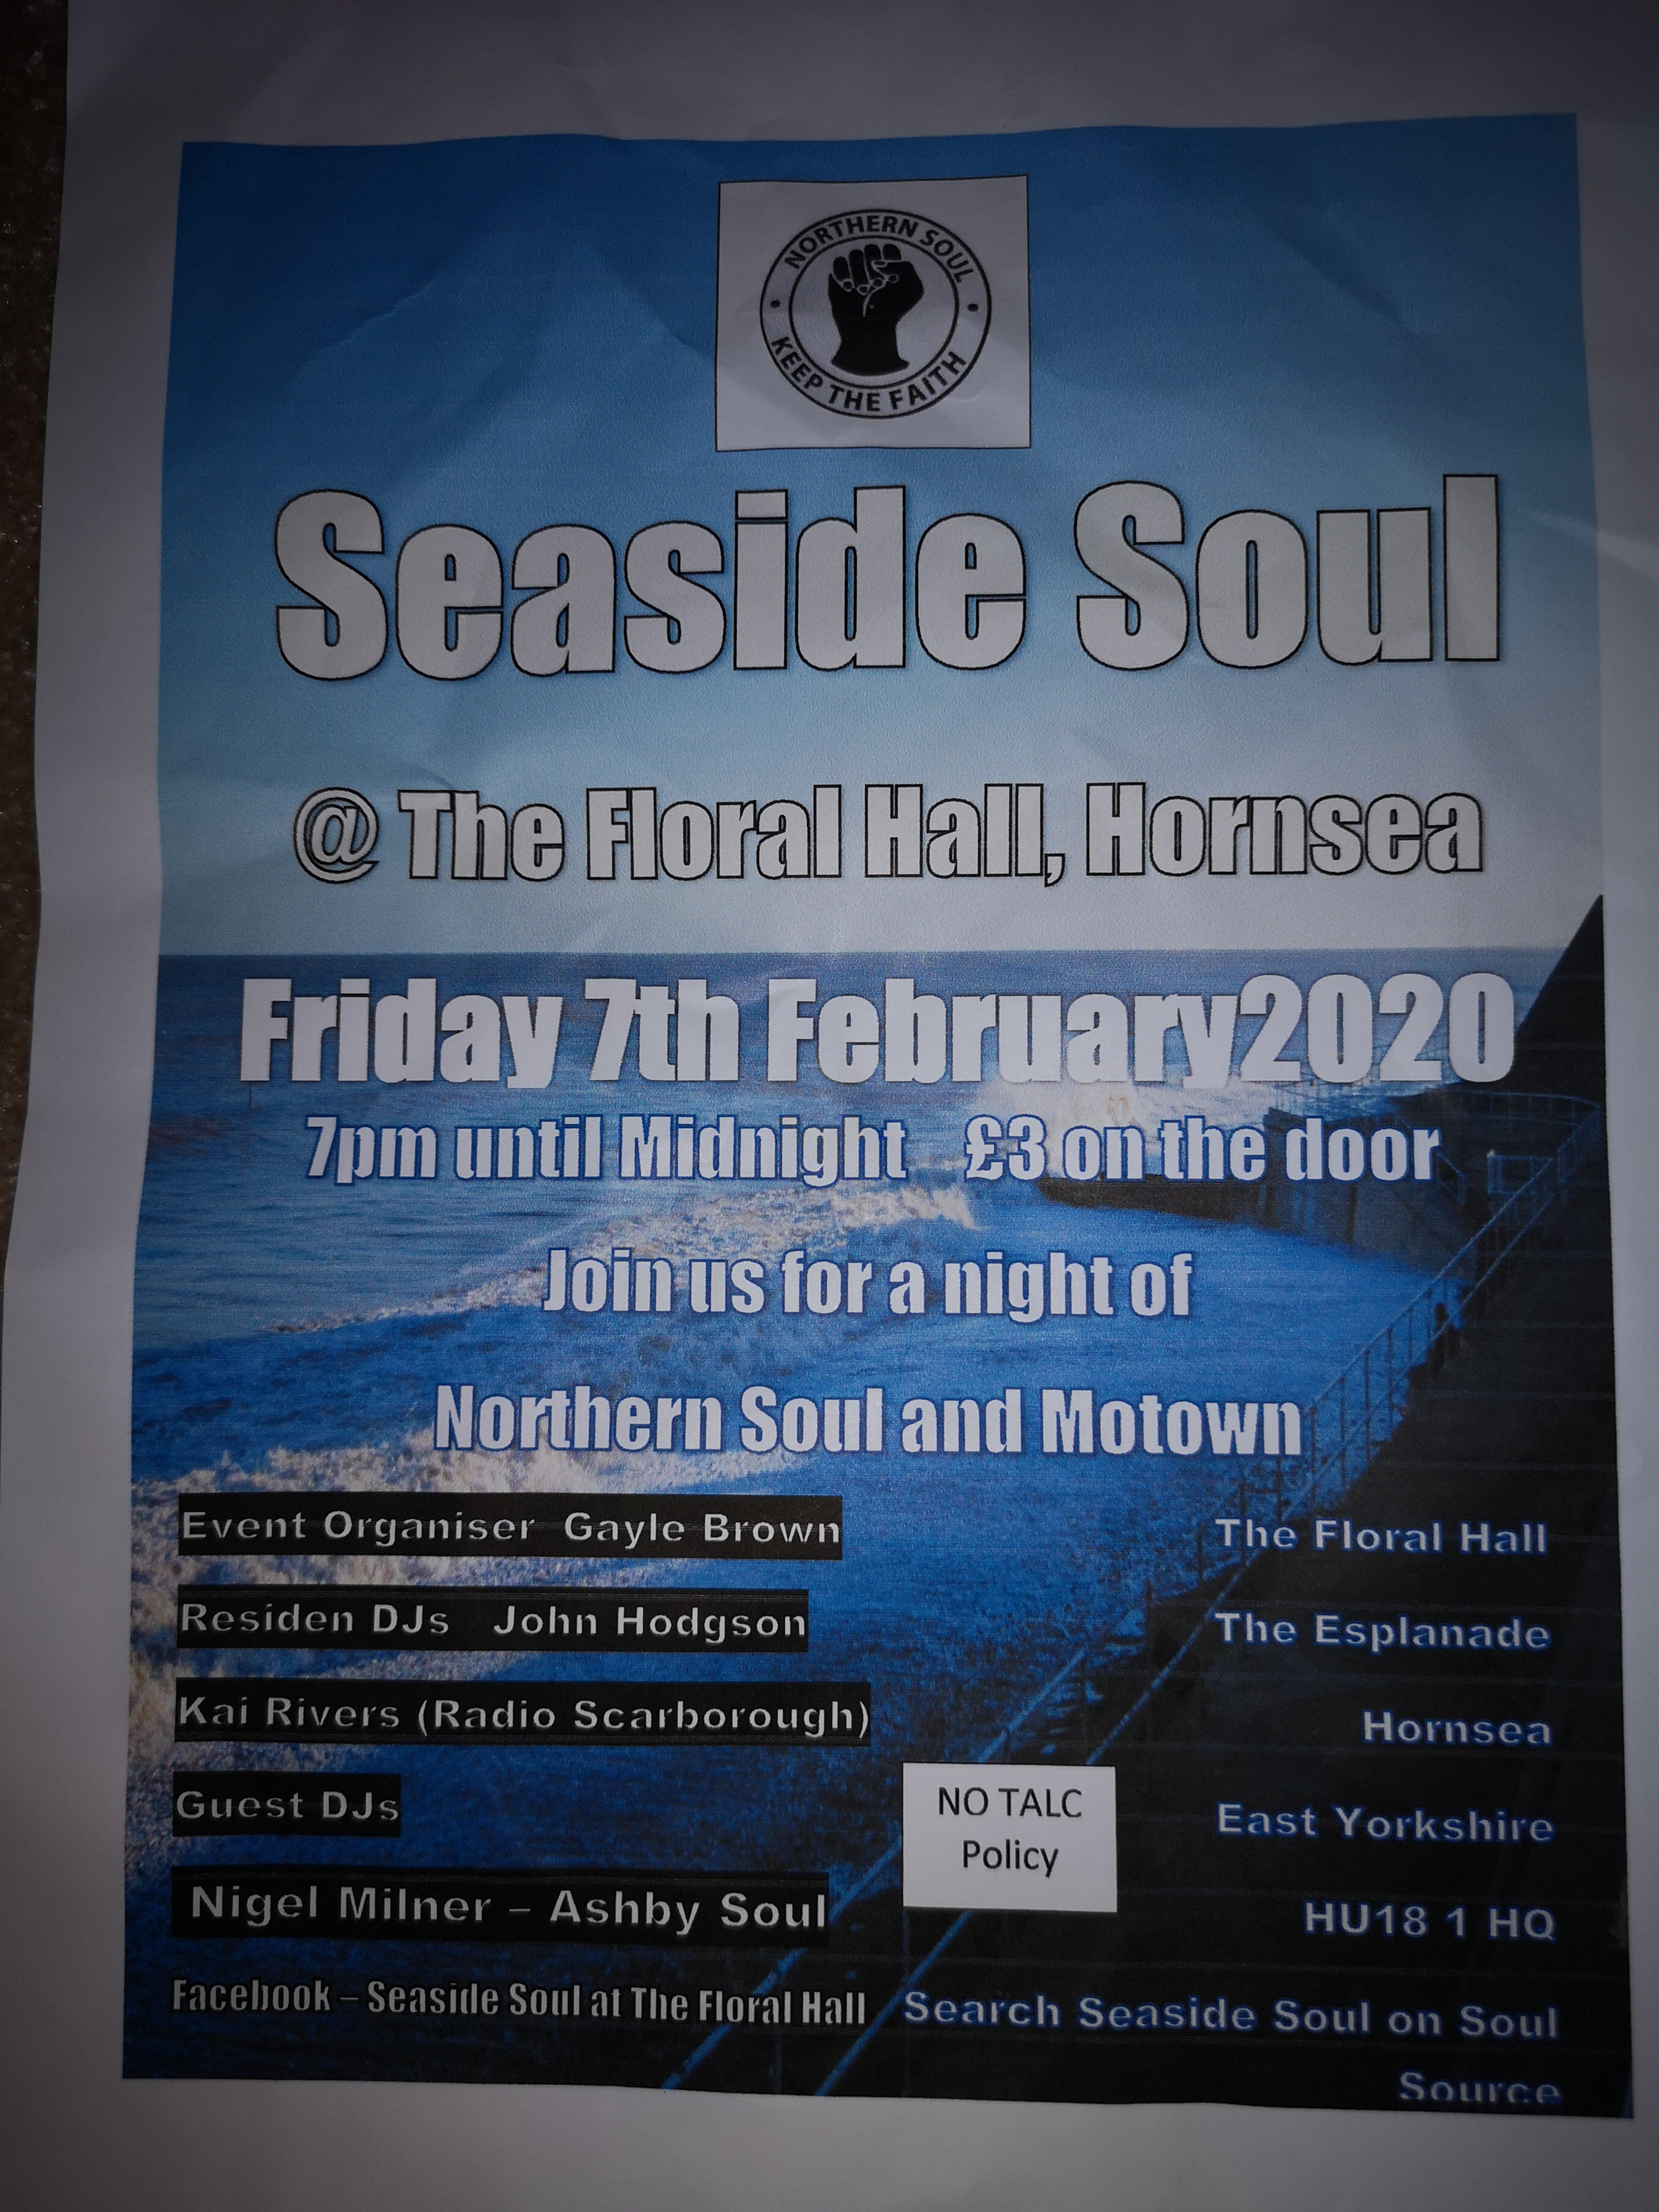 Seaside Soul Hornsea flyer